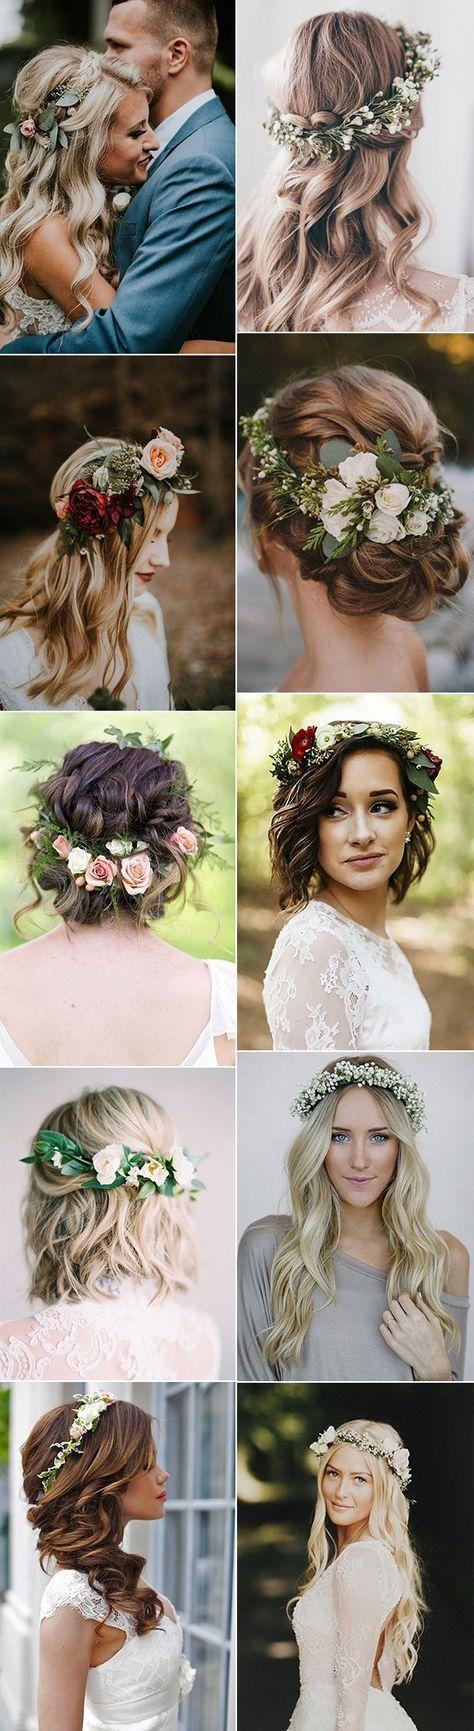 Während wir lieben einen traditionellen Schleier, es ist sicher zu sagen, wir sind Saugnäpfe für ein bridal-Blumen-Krone. Sie sind nicht nur absolut atemberaubend, aber Sie sind perfekt für DIY-Bräute. Nicht zu erwähnen, nehmen Sie das Rätselraten bei der Zugabe von Zubehör, damit Ihr Kleid, Blumen-Kronen haben die Fähigkeit, allein zu stehen. Wie es scheint, Bräute … #shortbridalhairstyles